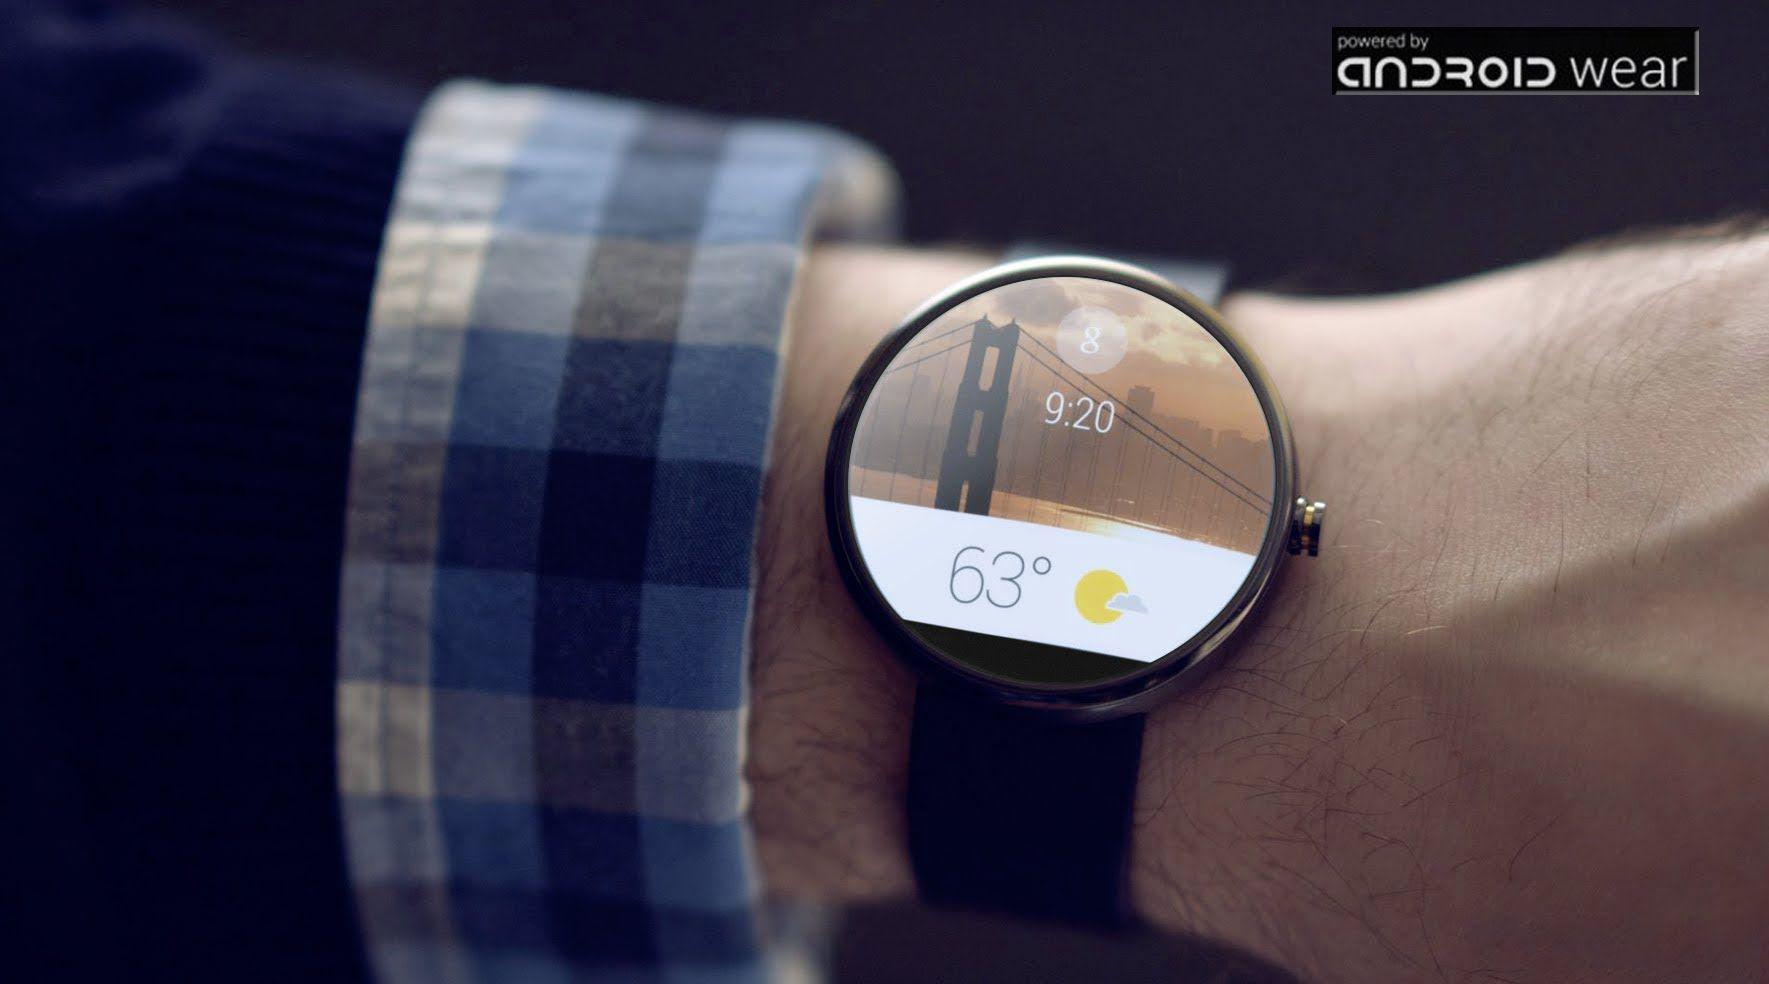 """O Google confirmou o que já era especulado há algum tempo. O Android realmente vai deixar de ser uma exclusividade de celulares e tablets para migrar para o punho do usuário. A empresa anunciou o lançamento do """"Android Wear"""", uma versão especial do sistema para ser usada em relógios inteligentes - Leia mais http://www.lady-tech.blogspot.com.br/2014/05/android-wear-migrando-para-o-punho.html"""